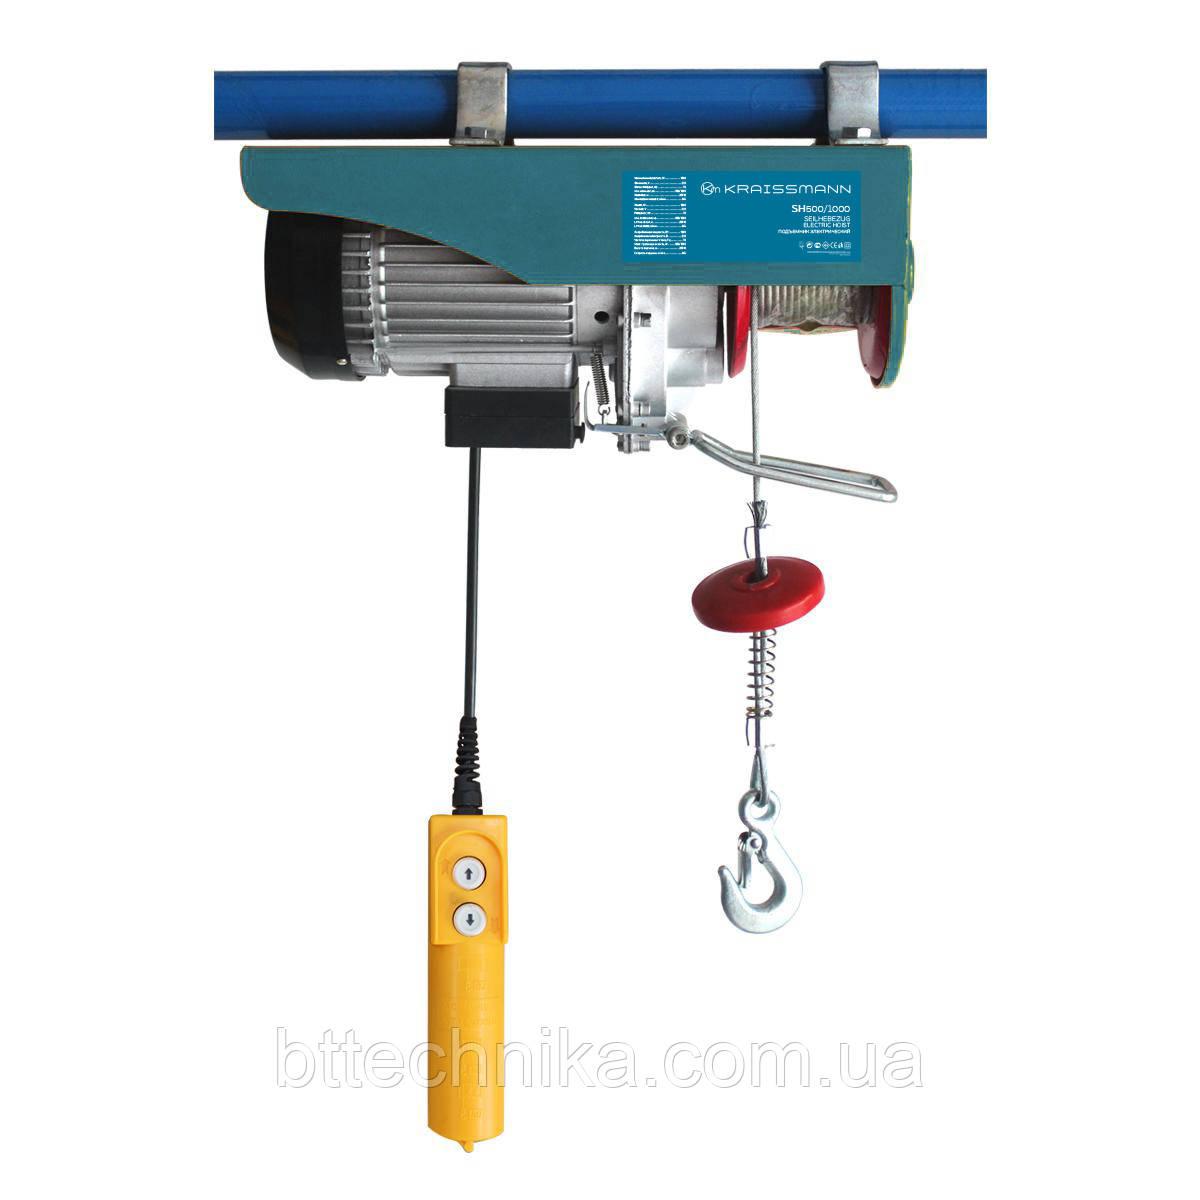 Електричний підйомник KRAISSMANN SH 200/400